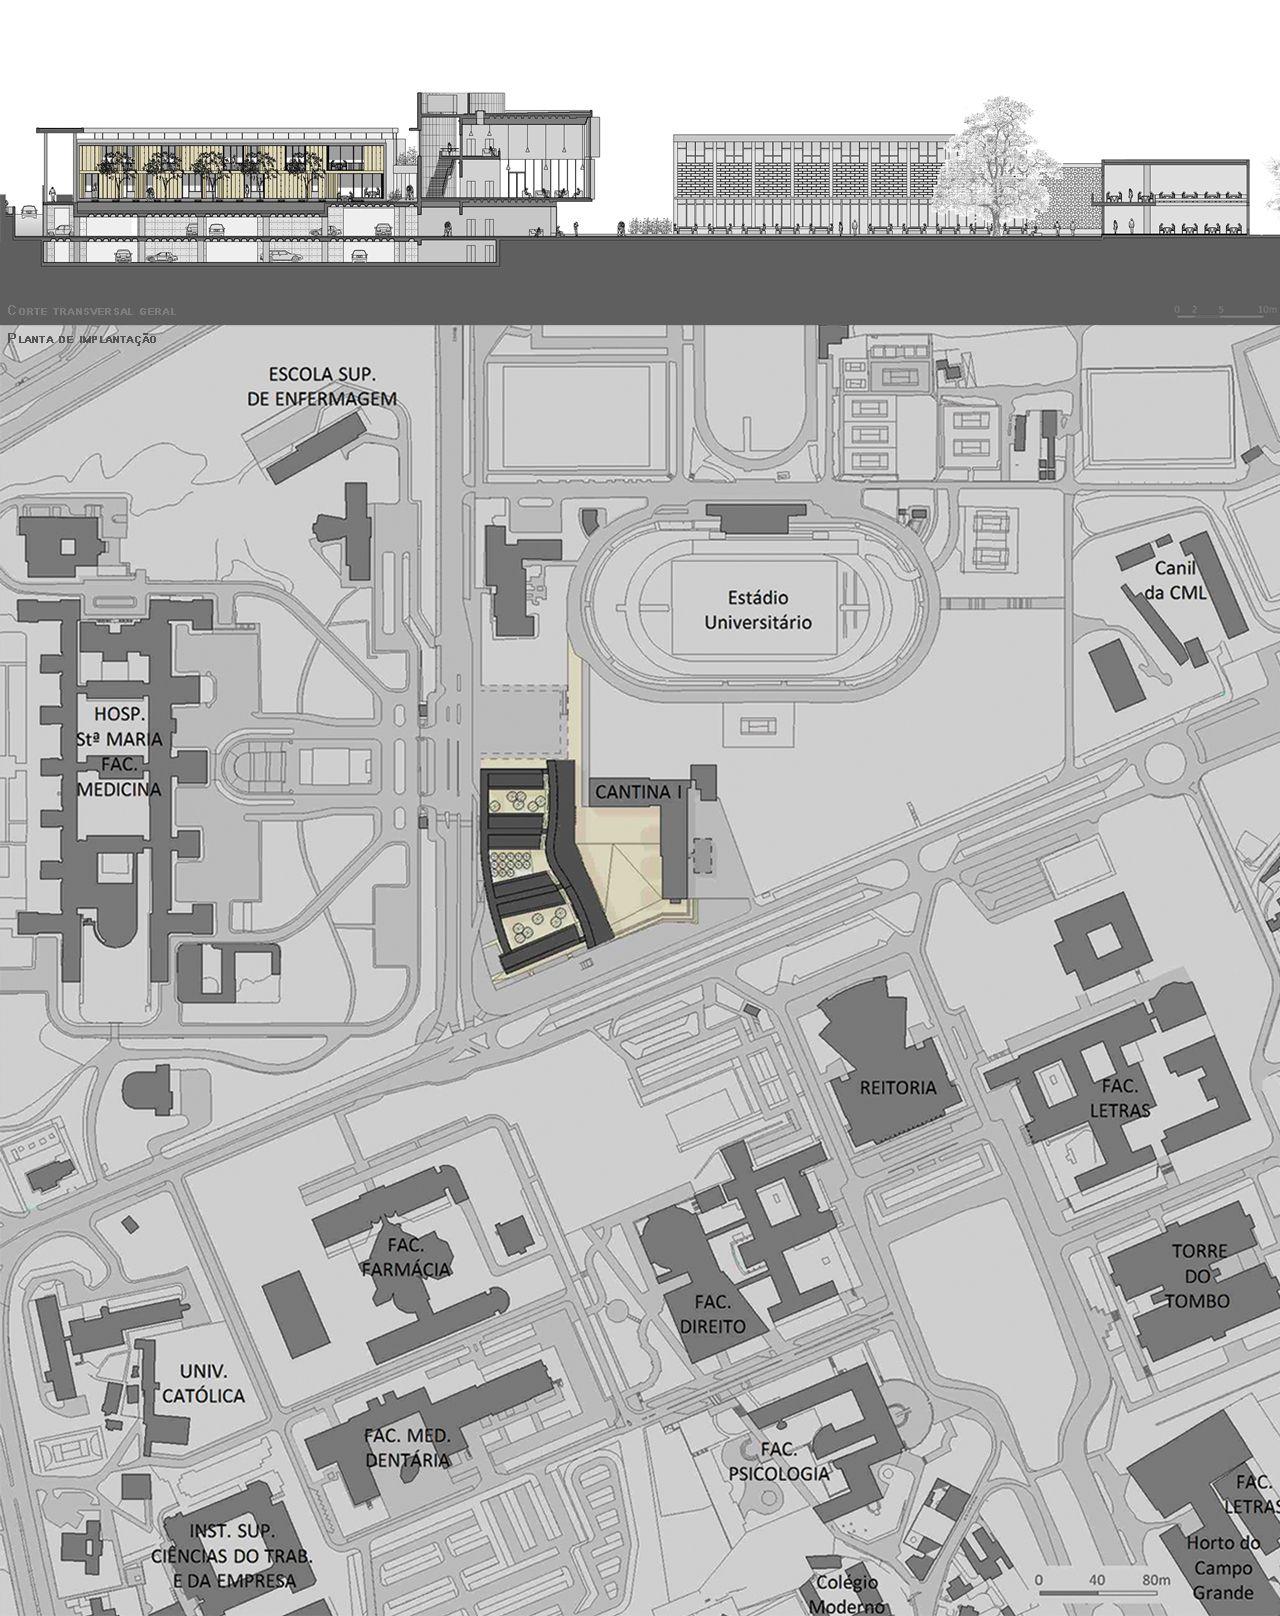 Prêmio Secil Universidades – Arquitetura: Centro Multifuncional e Residência de Estudantes  / Simão Silveira Botelho,Corte transversal geral + Planta de implantação